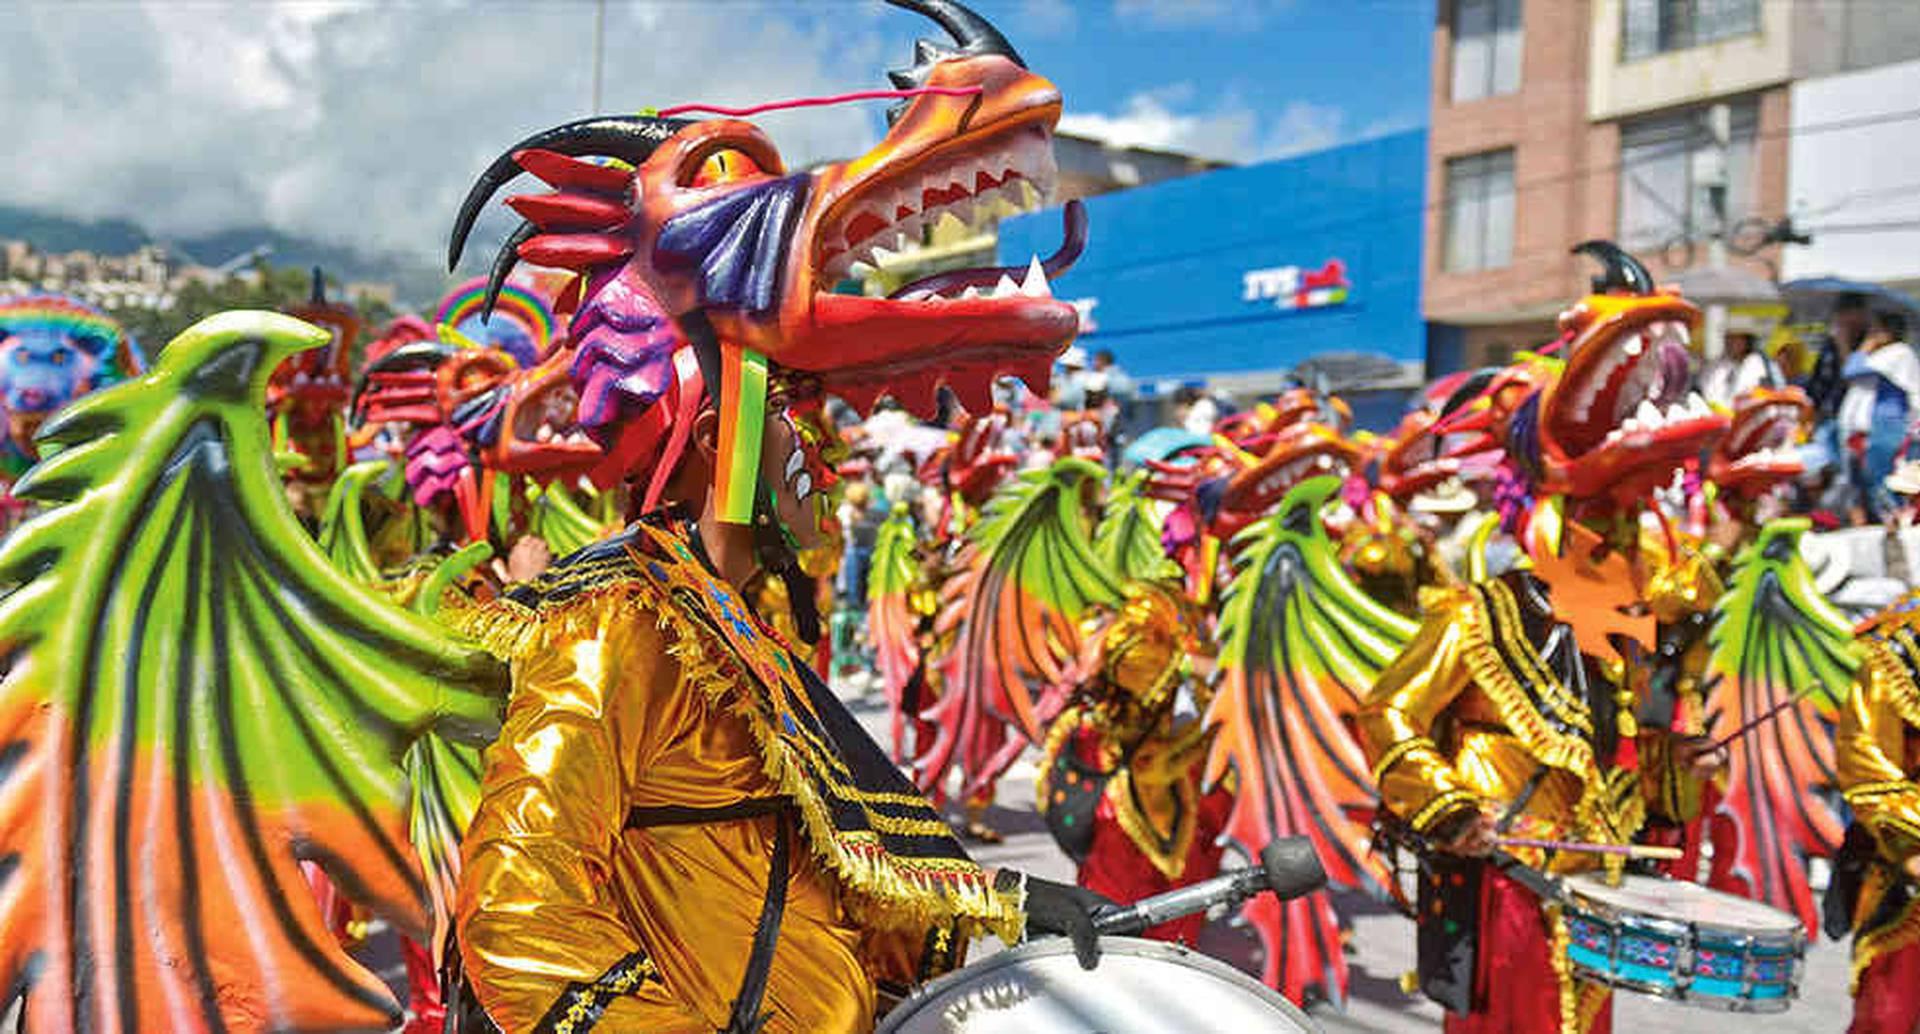 El Carnaval de Negros y Blancos representa el mestizaje de la cultura popular colombiana.